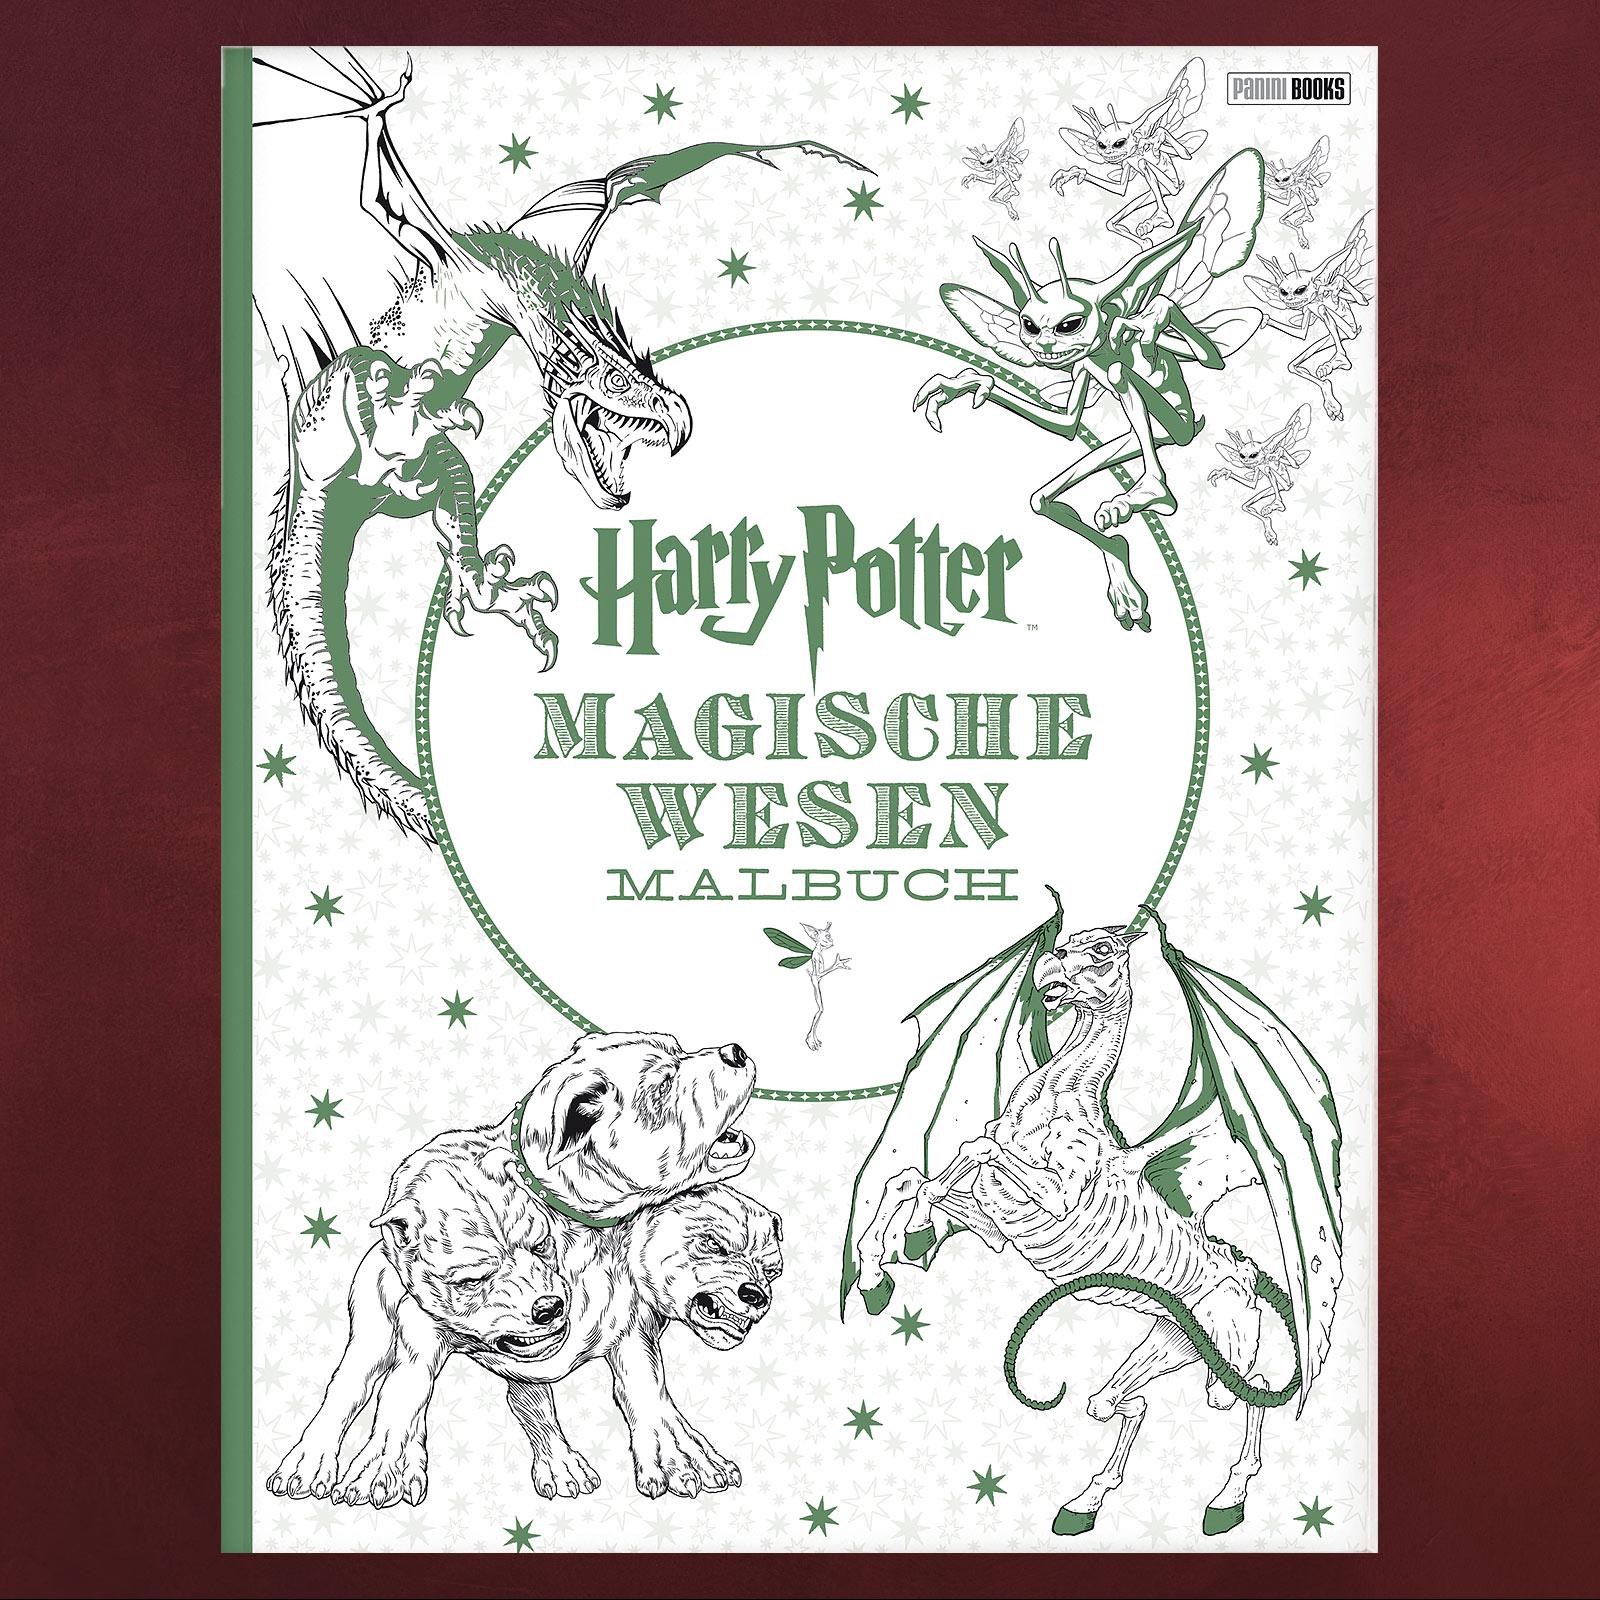 Harry Potter - Magische Wesen Malbuch | Elbenwald